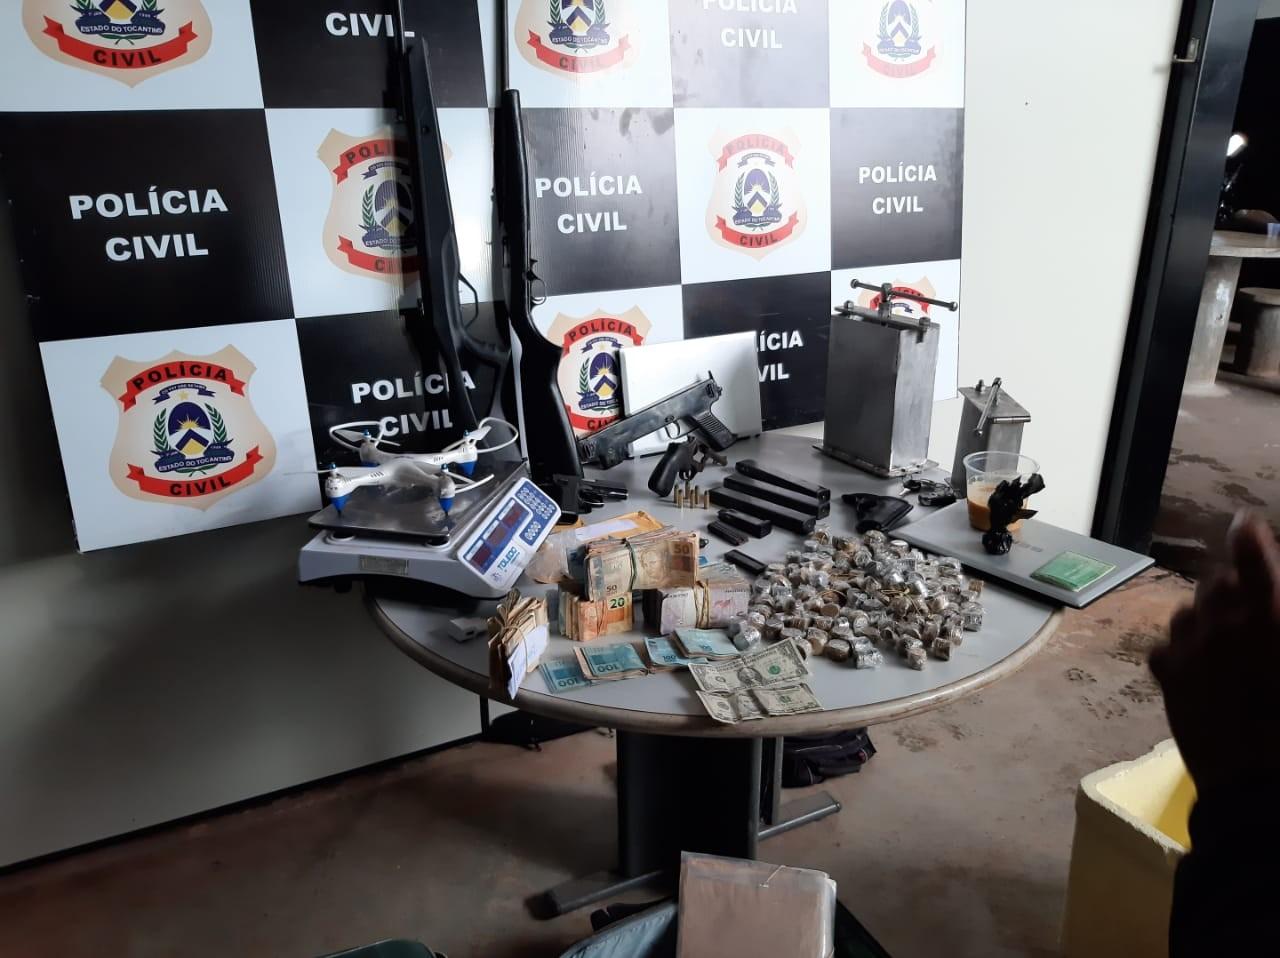 Suspeitos de integrar facção criminosa tinham arma exclusiva do exército e R$ 25 mil - Notícias - Plantão Diário